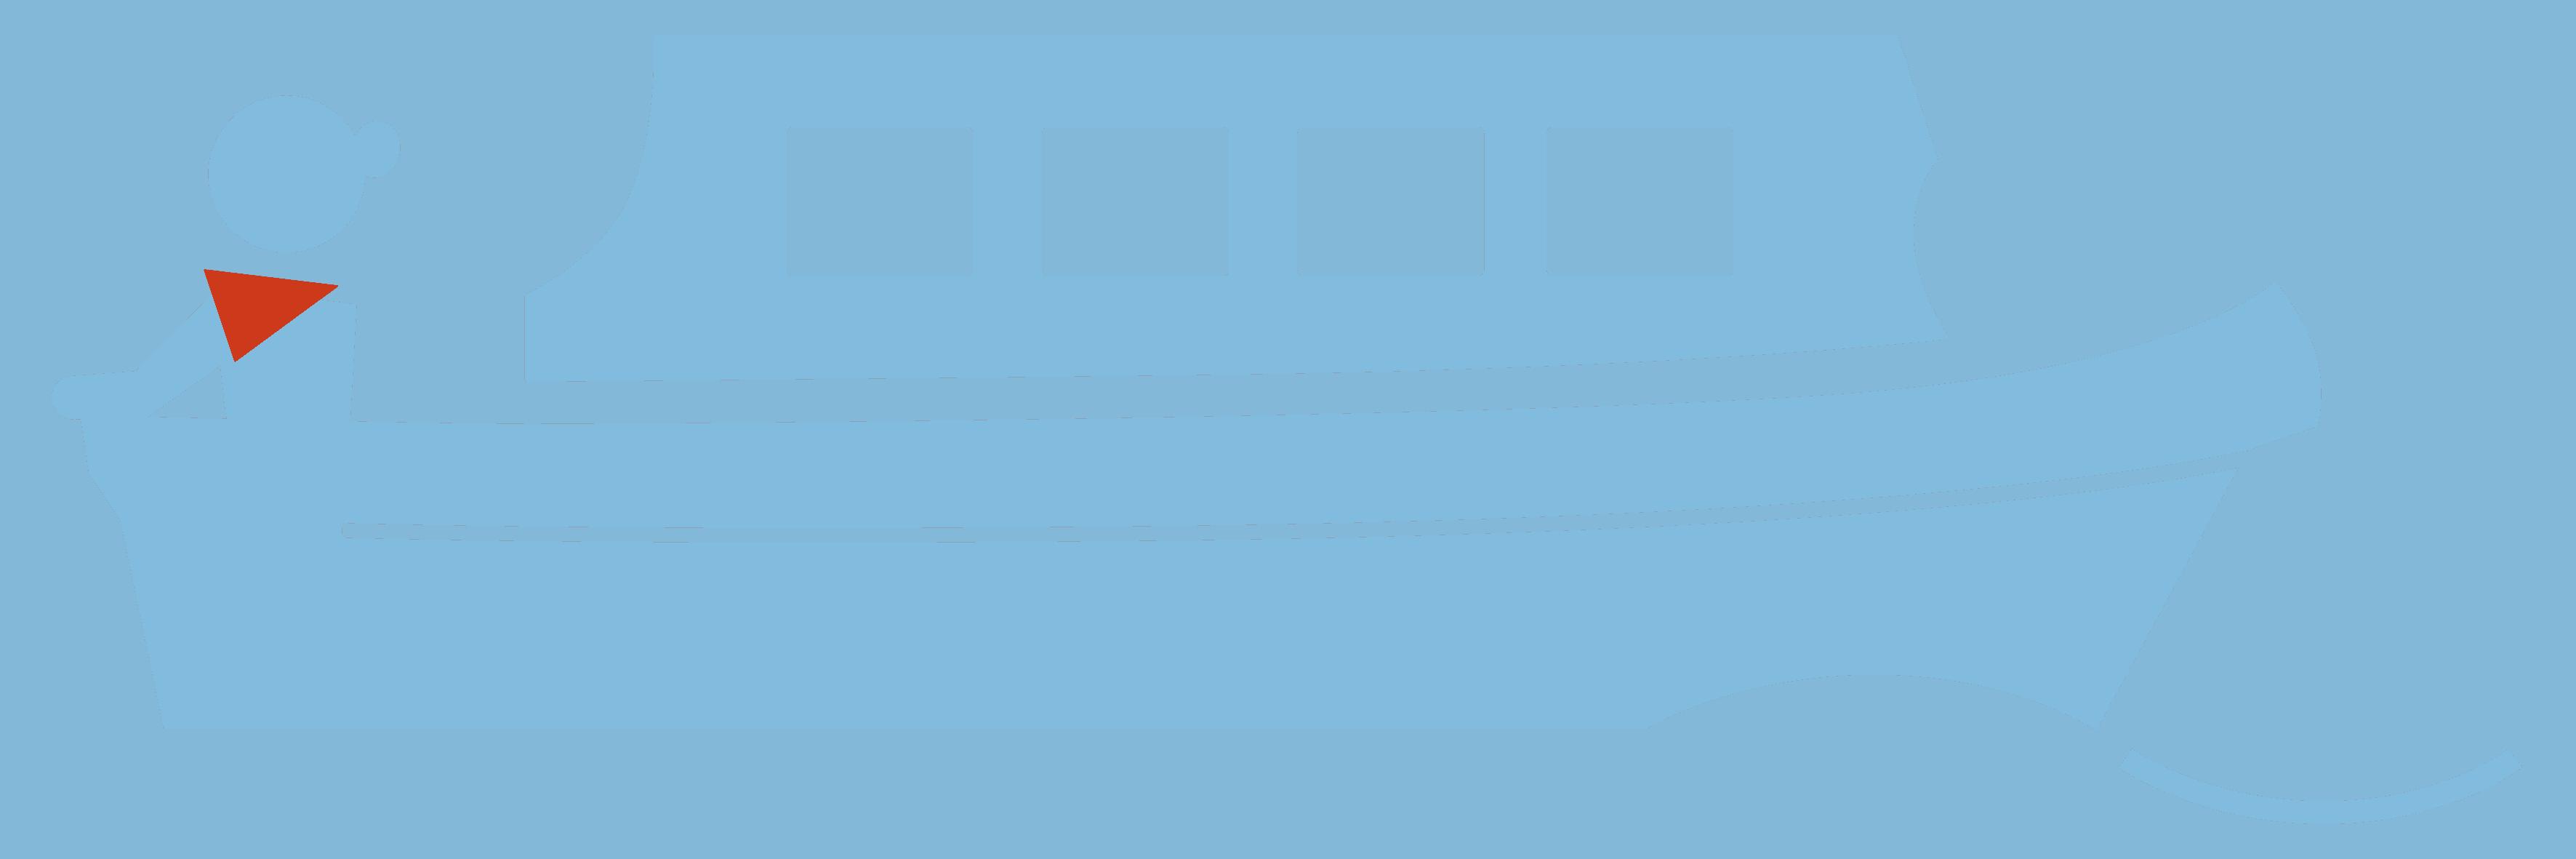 Logo Followme Hamburg - Touren mit dem Schiff